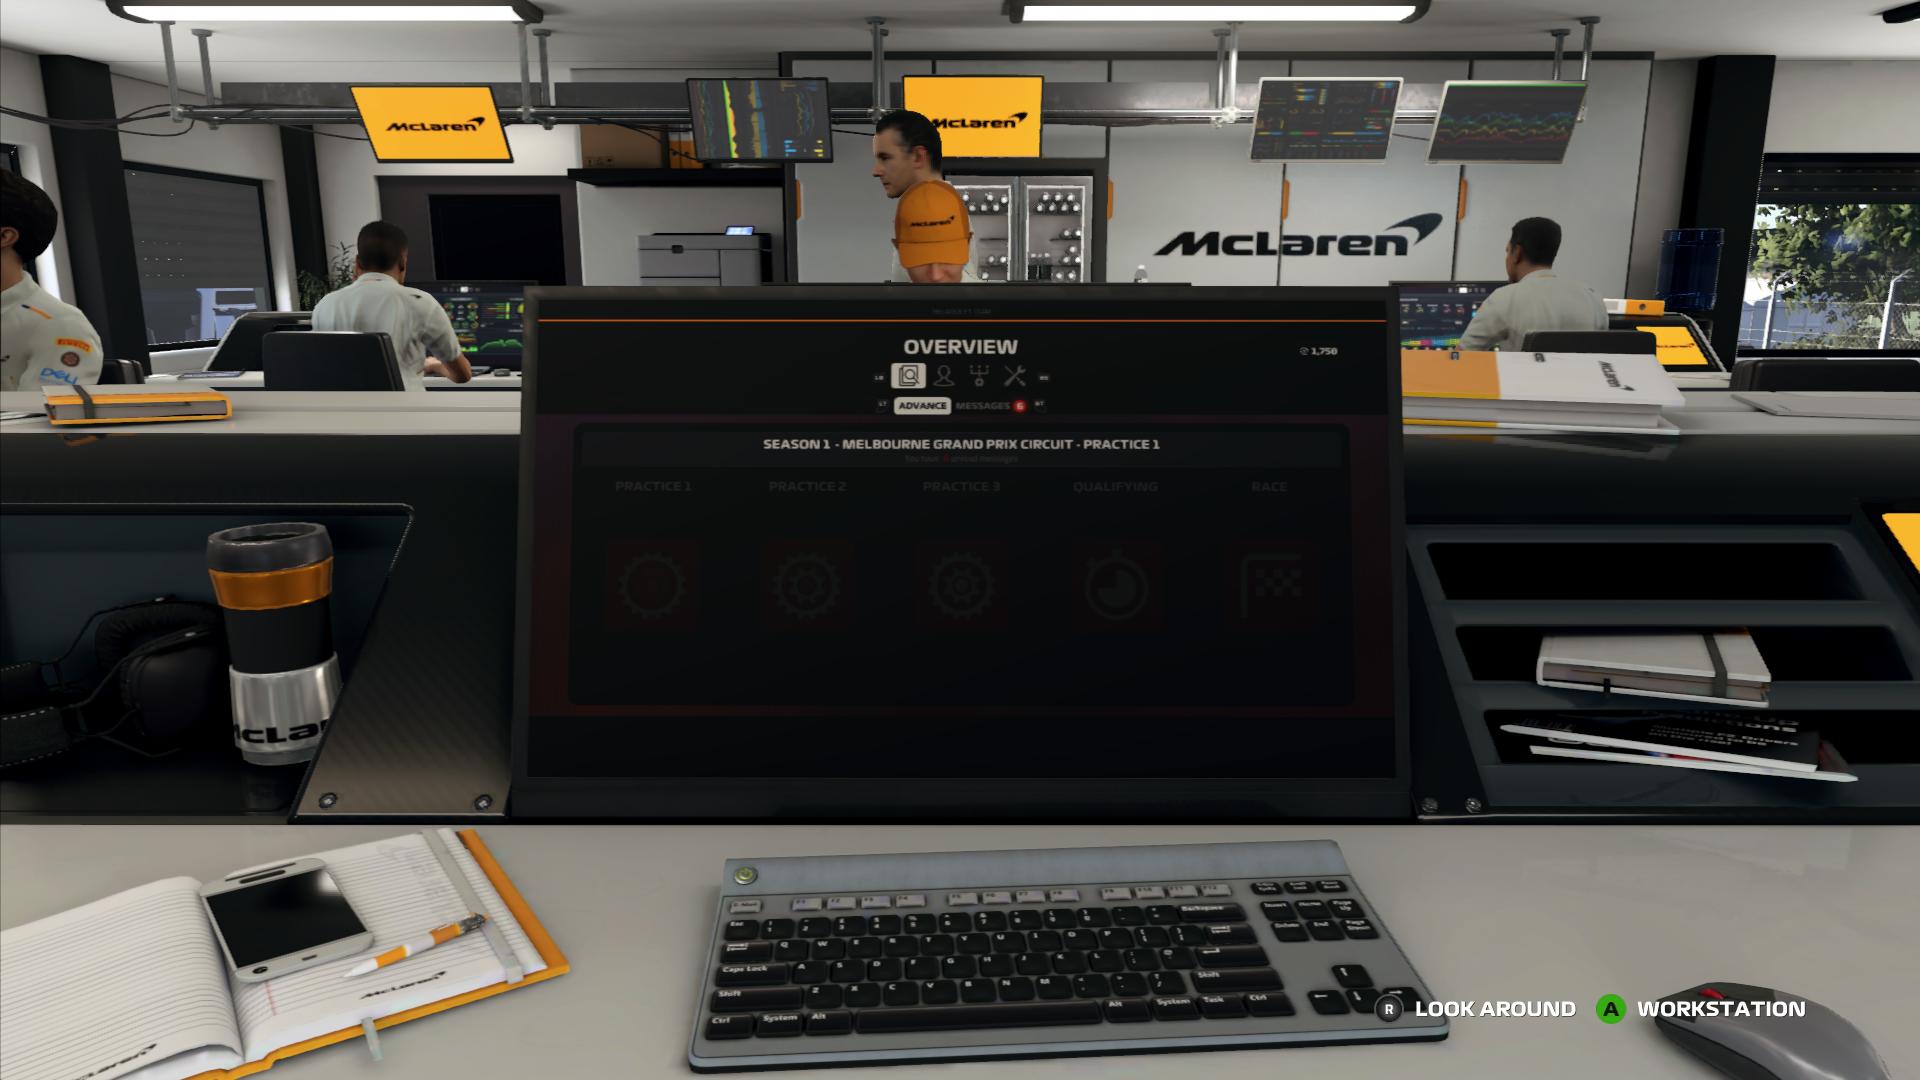 F1 2019 Workstation